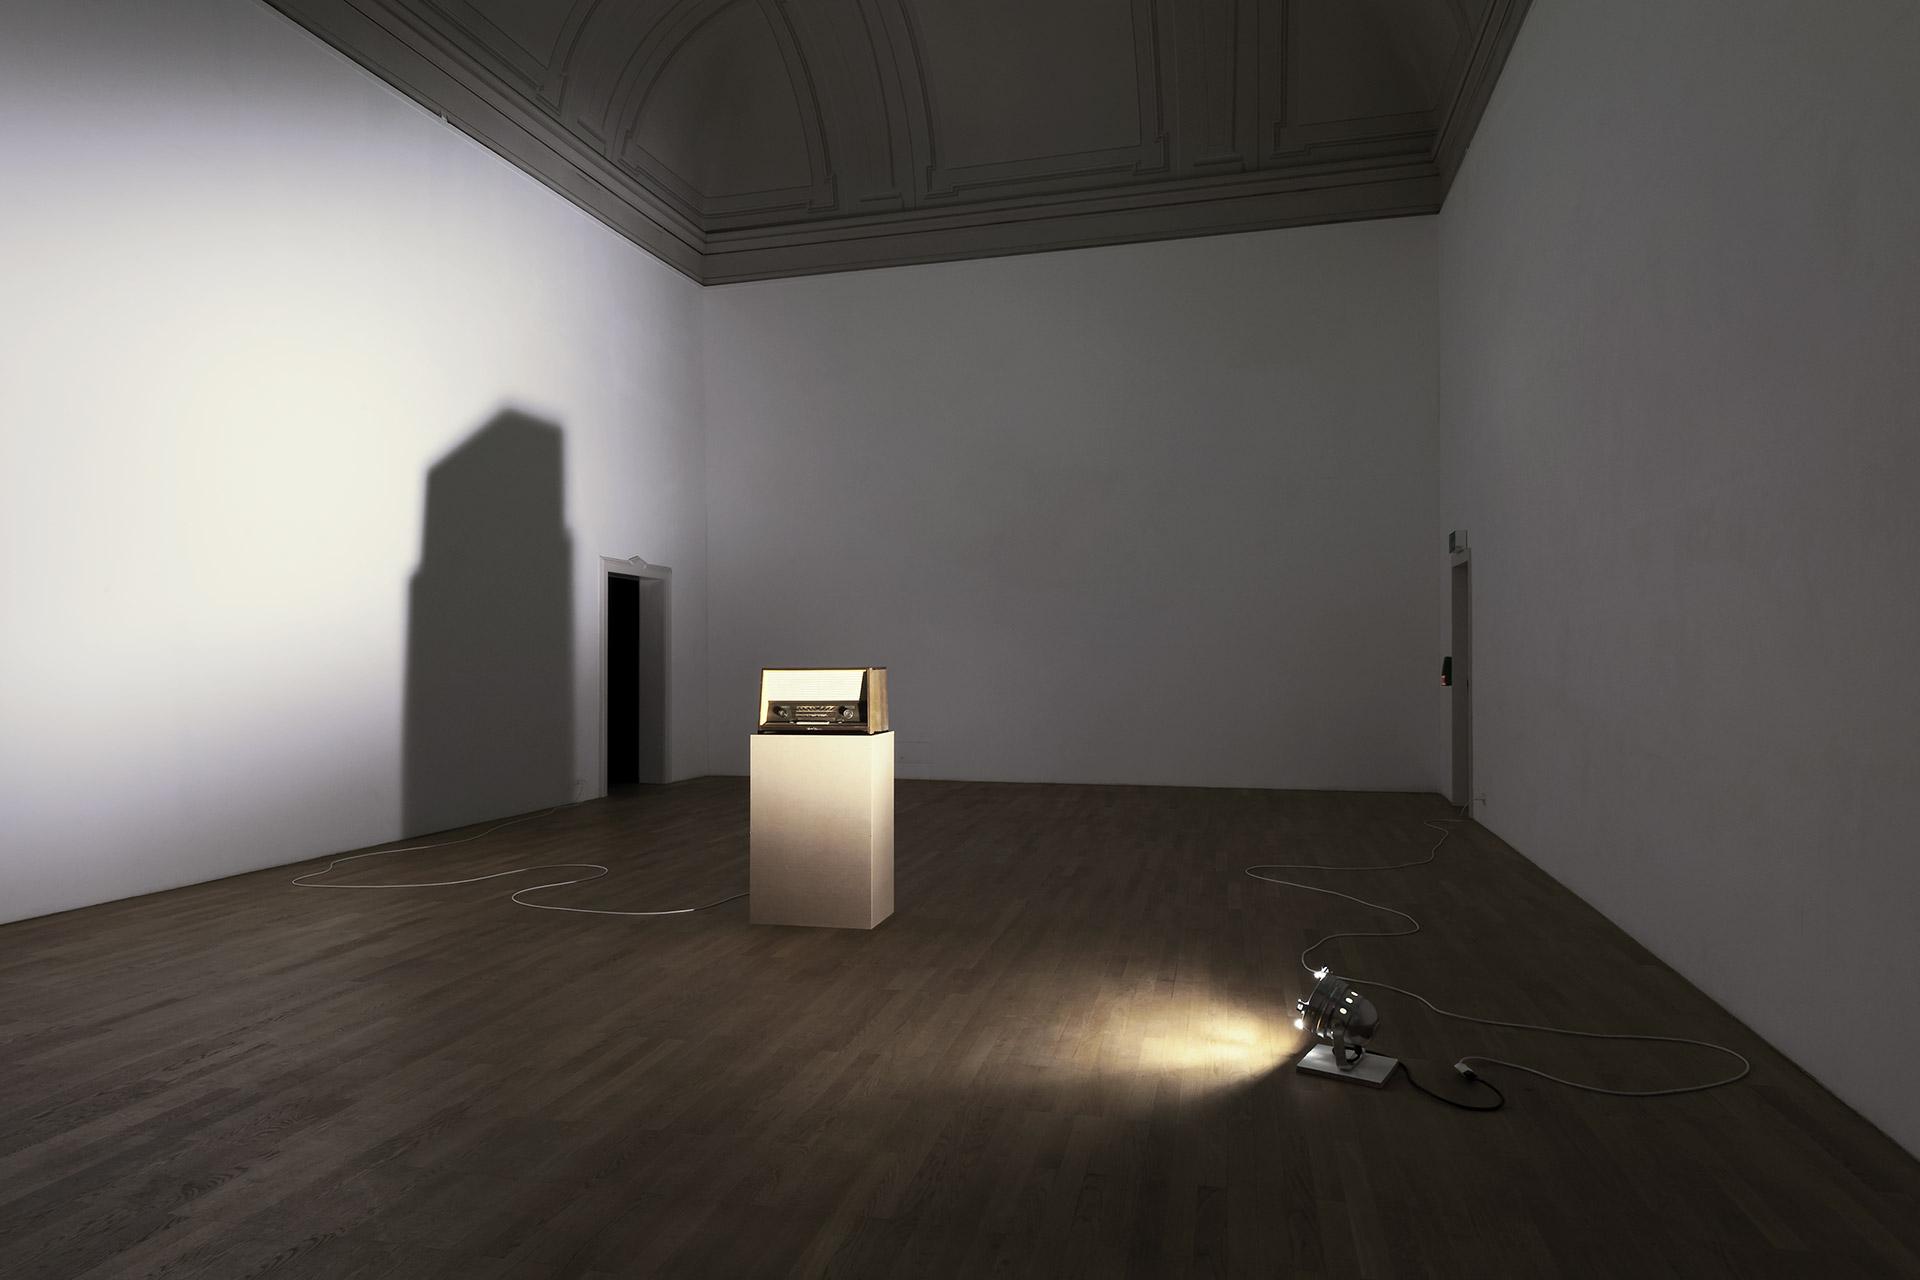 Radio-Stadtfilter-Kunsthalle-Winterthur-2012-2.jpg